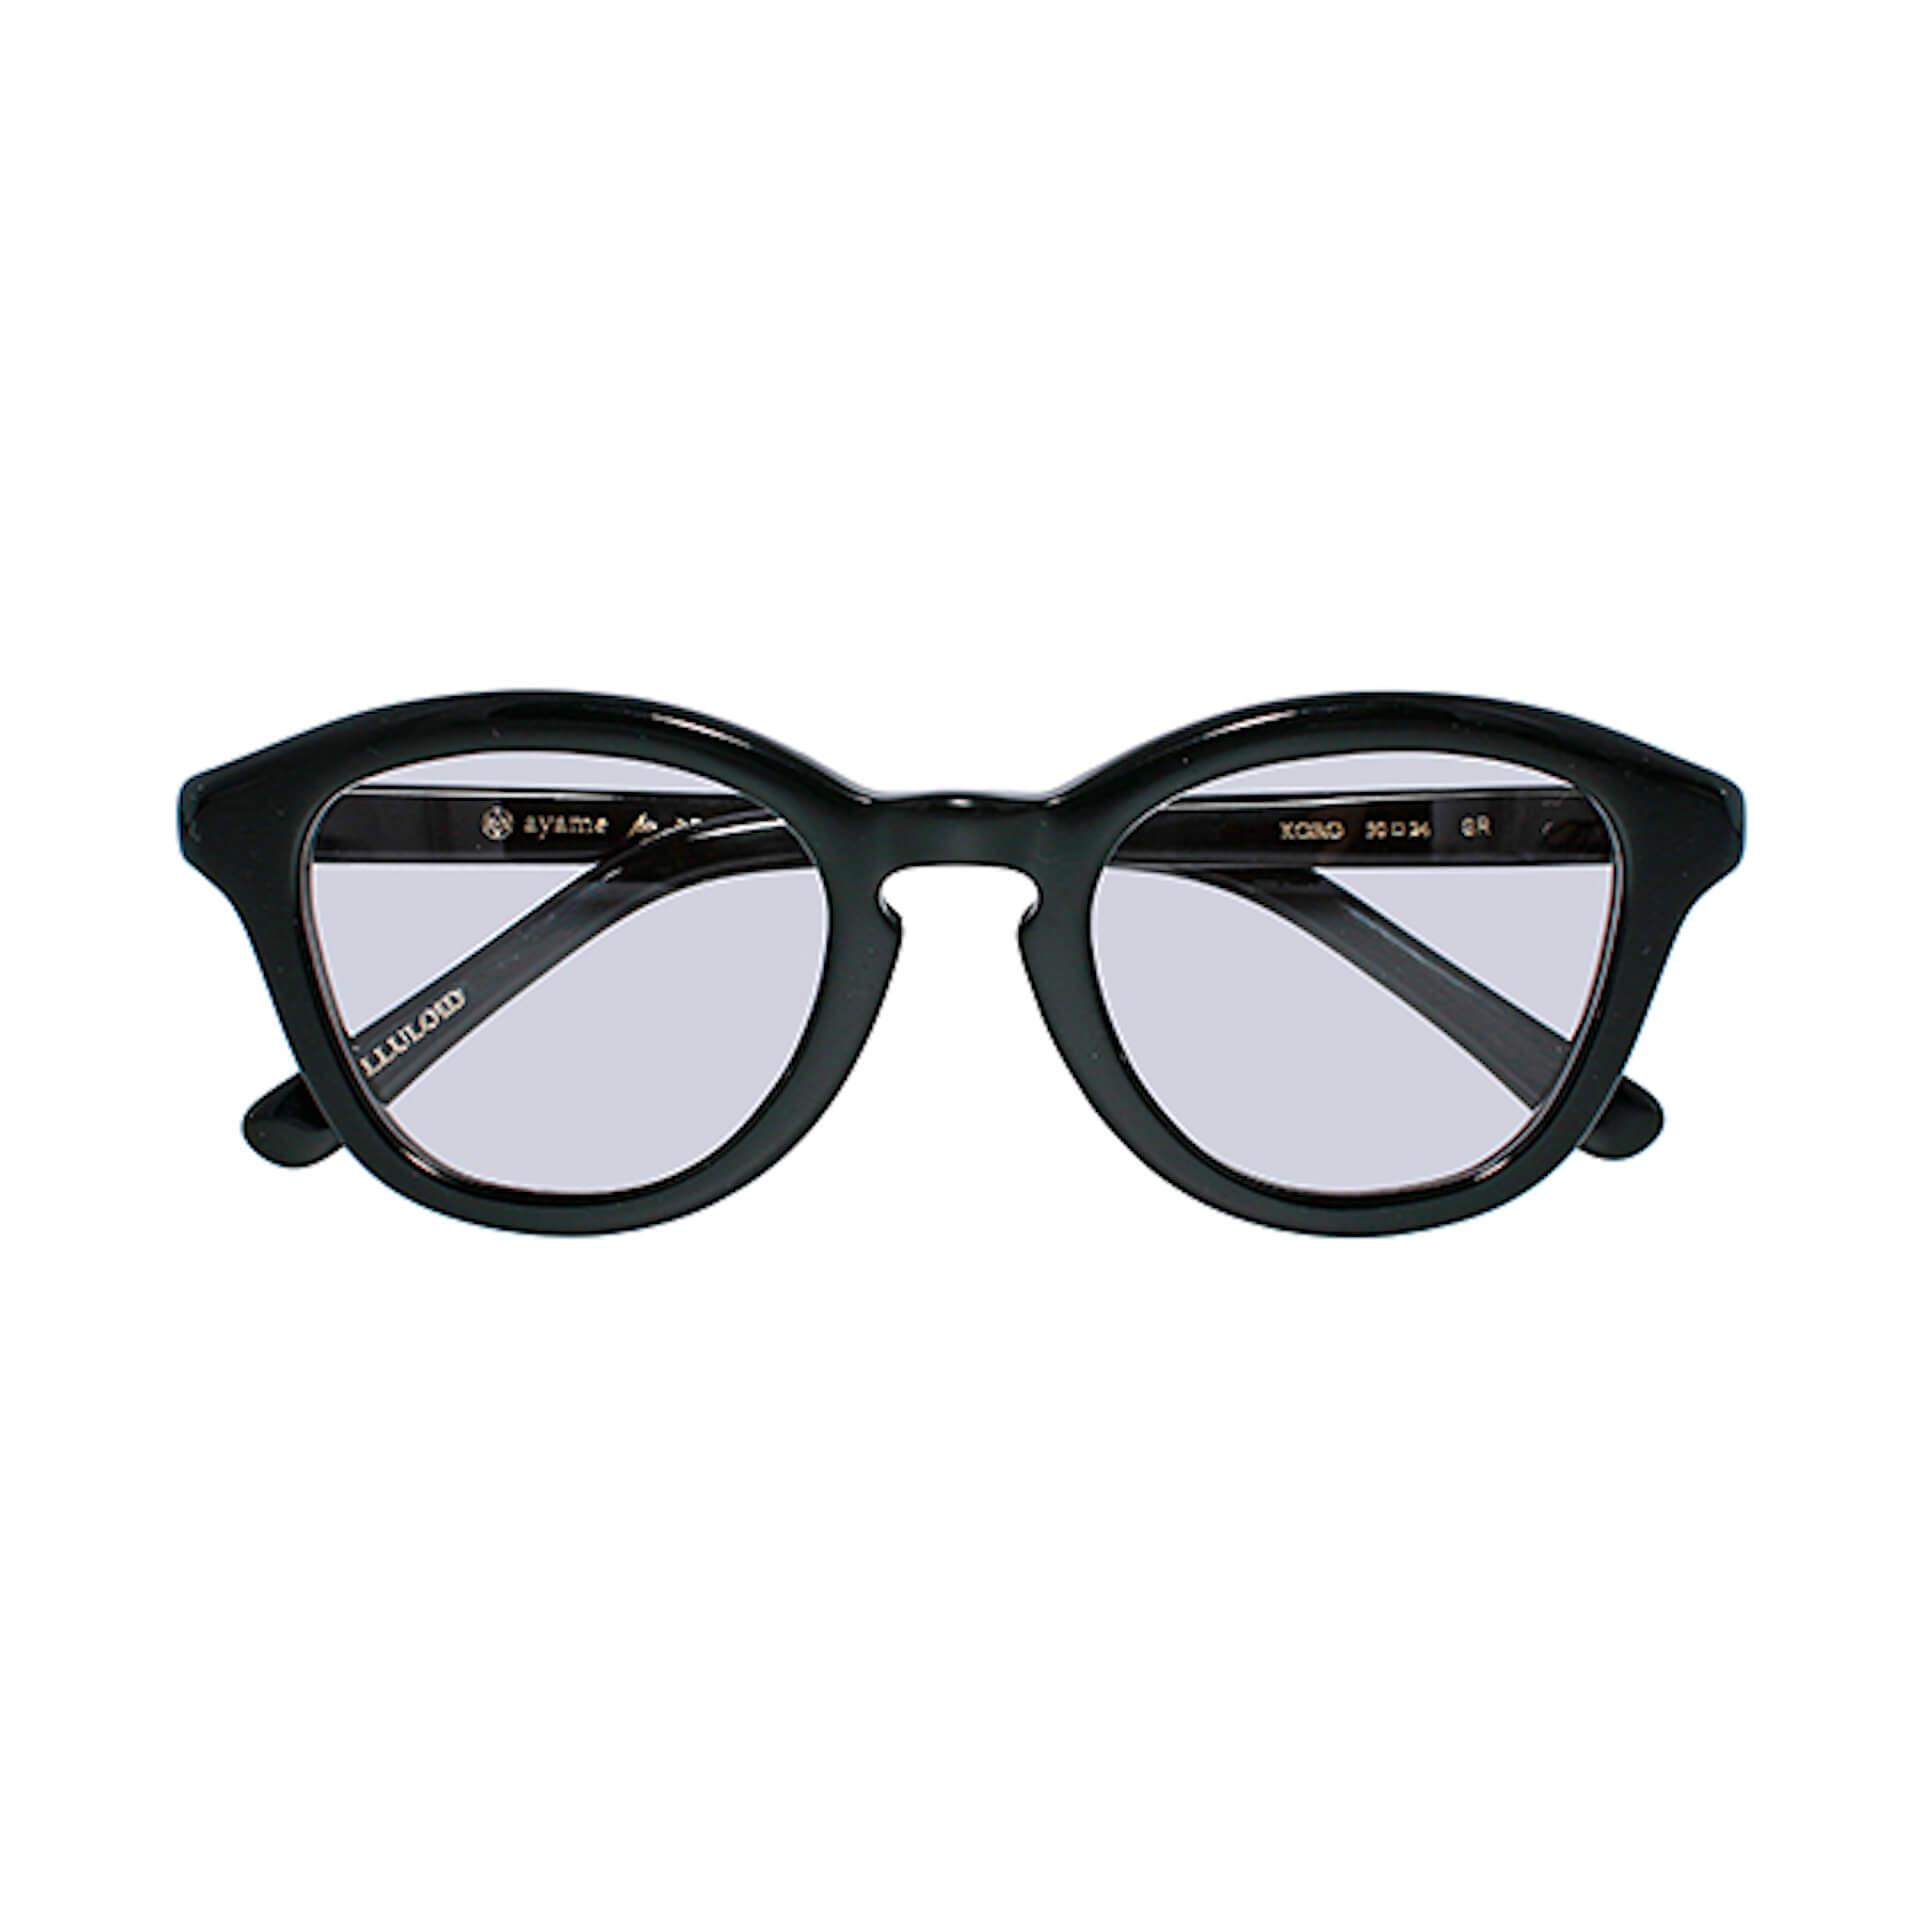 「POKER FACE」がアイウェアブランド「ayame」に別注をかけたセルロイド製の「曇らないサングラス」を発売決定! Fashion_210719_koro8